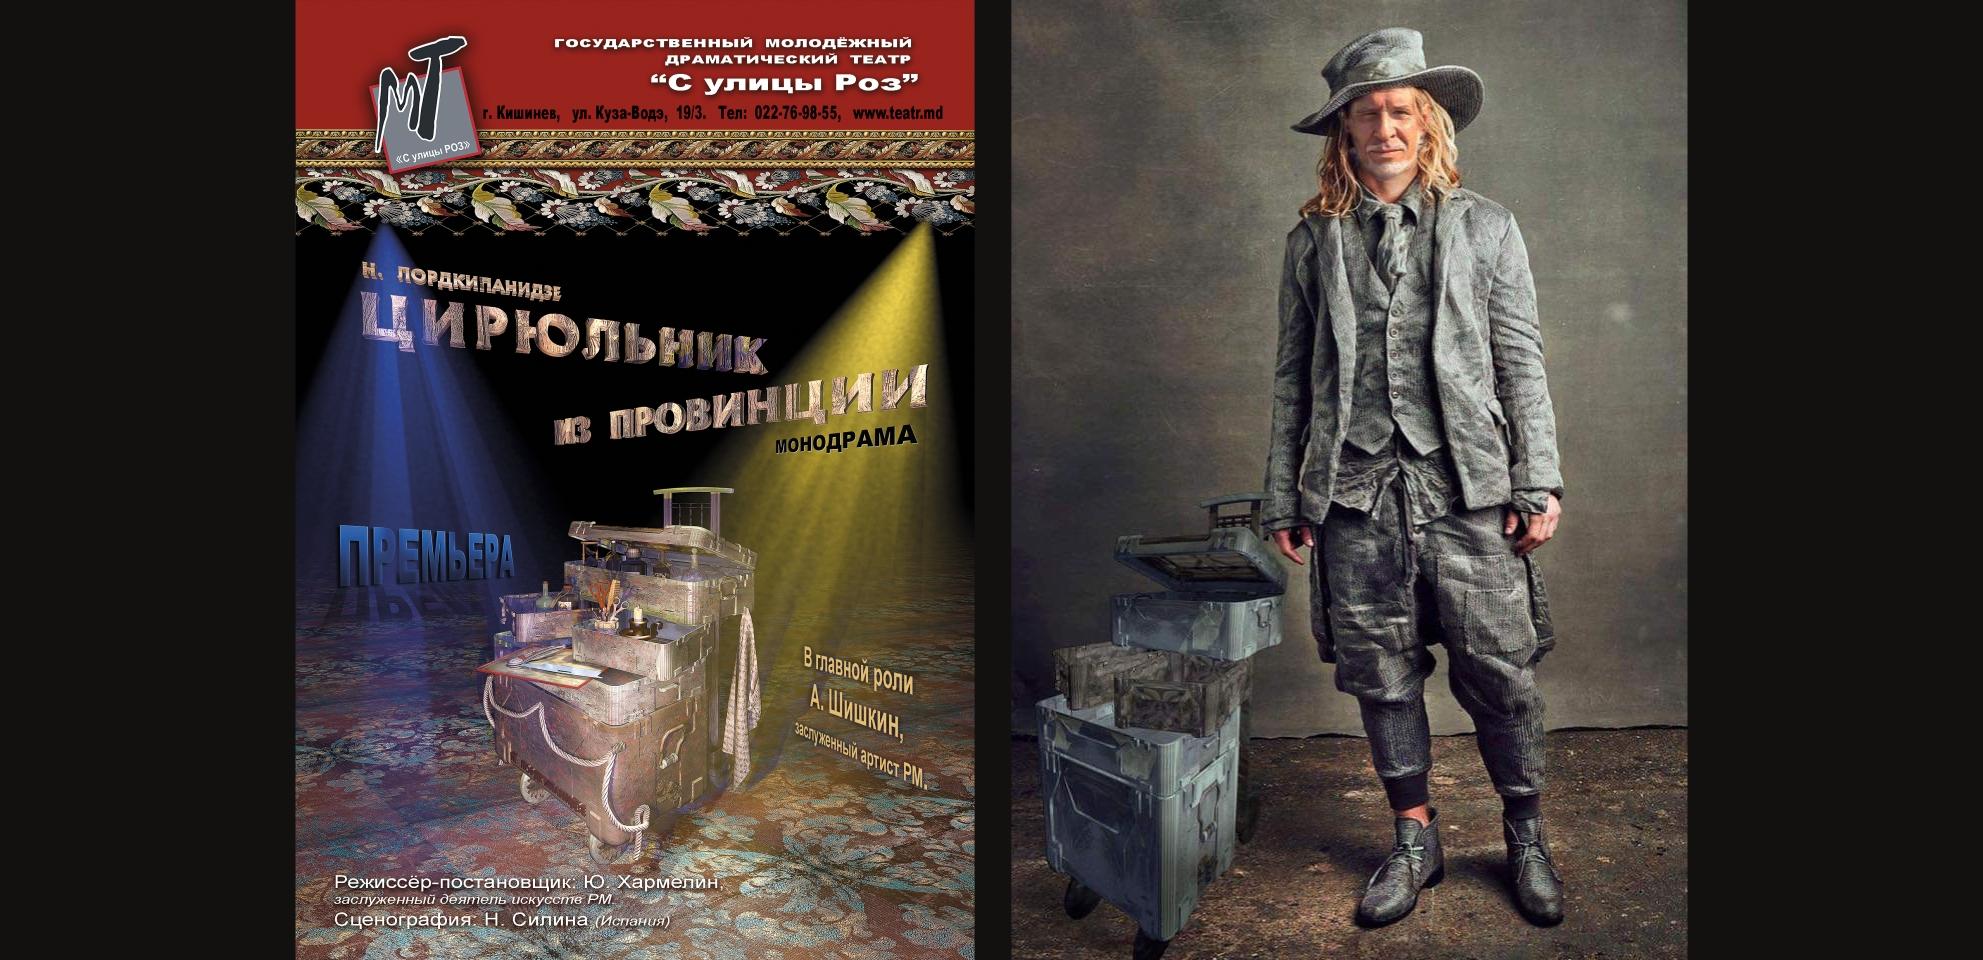 Театр с улицы роз кишинев афиша как заказать билеты на концерт в москве